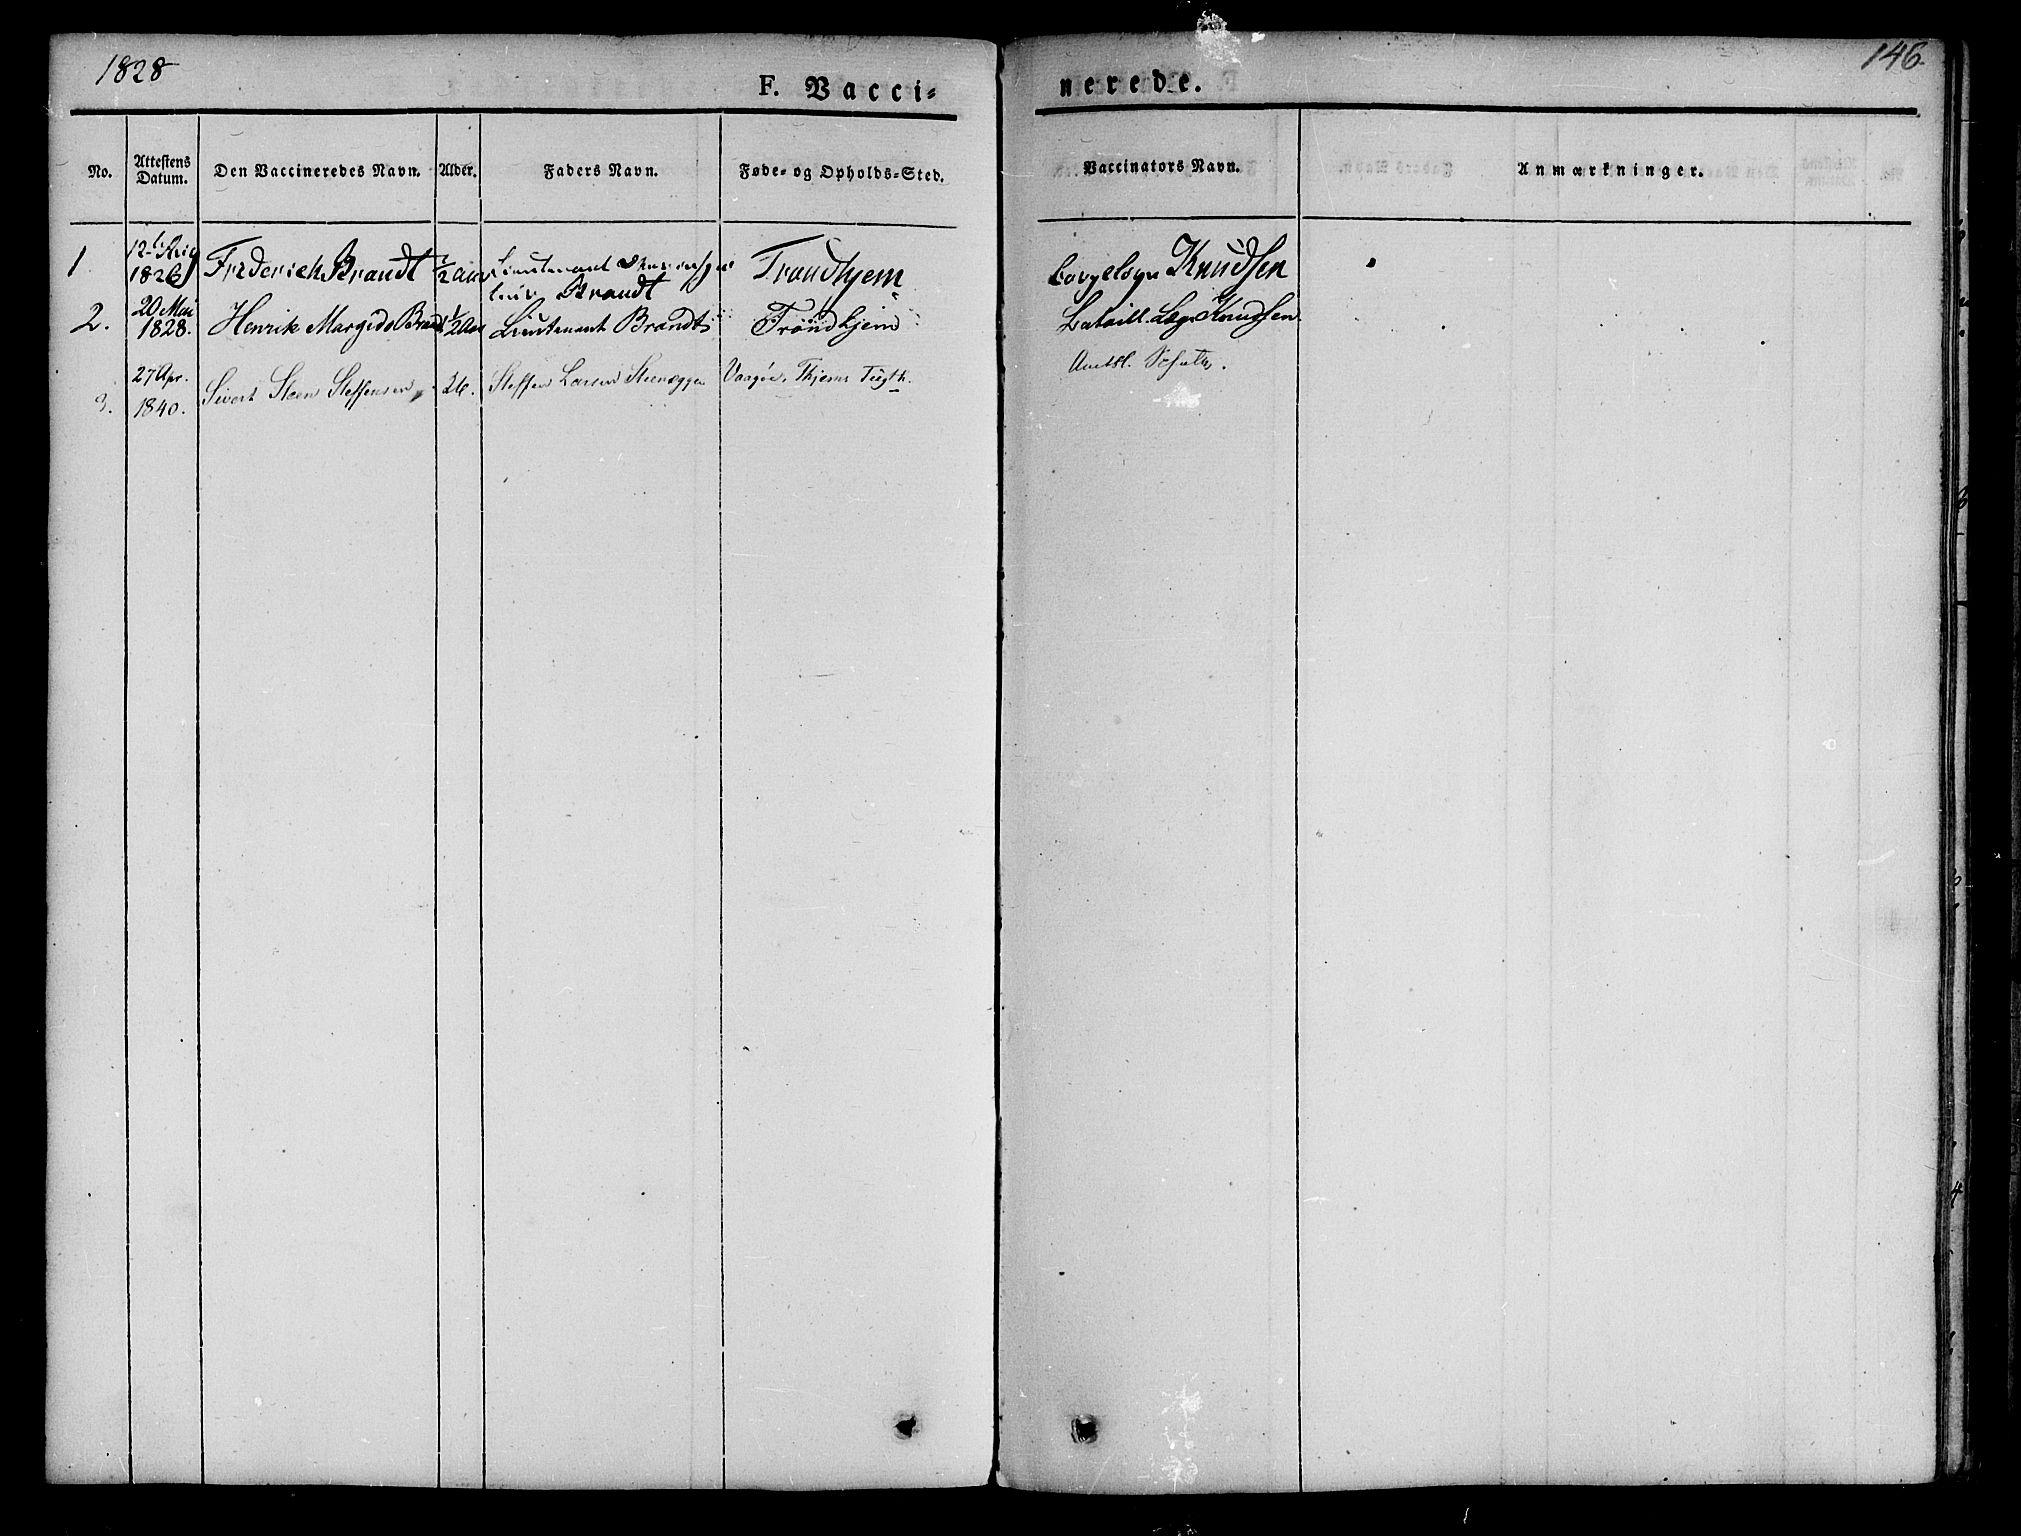 SAT, Ministerialprotokoller, klokkerbøker og fødselsregistre - Sør-Trøndelag, 623/L0468: Ministerialbok nr. 623A02, 1826-1867, s. 146